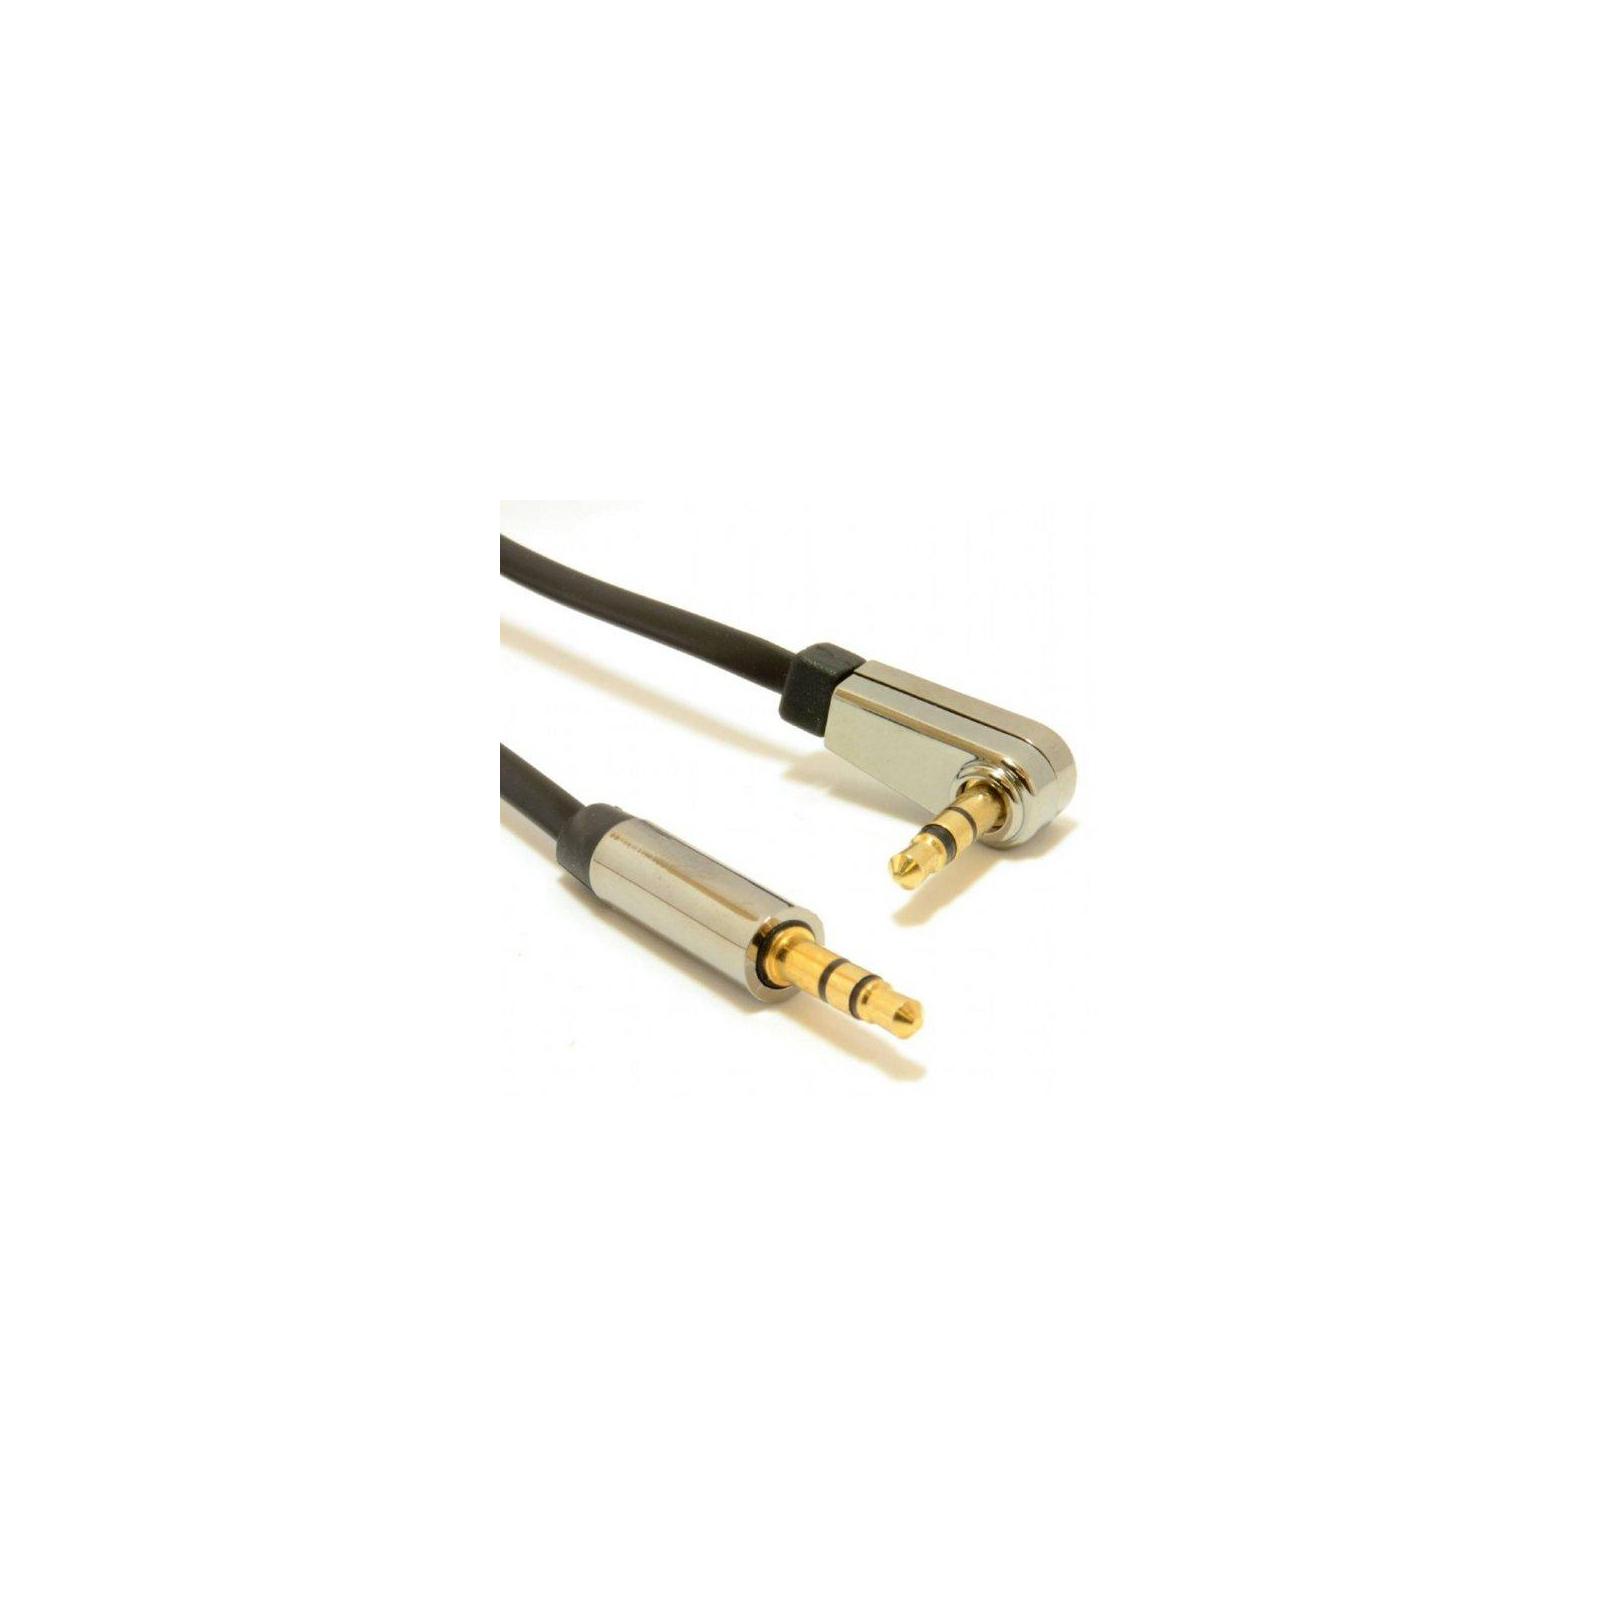 Кабель мультимедийный Jack 3.5mm male/Jack 3.5mm male 1.8m Cablexpert (CCAP-444L-6) изображение 2